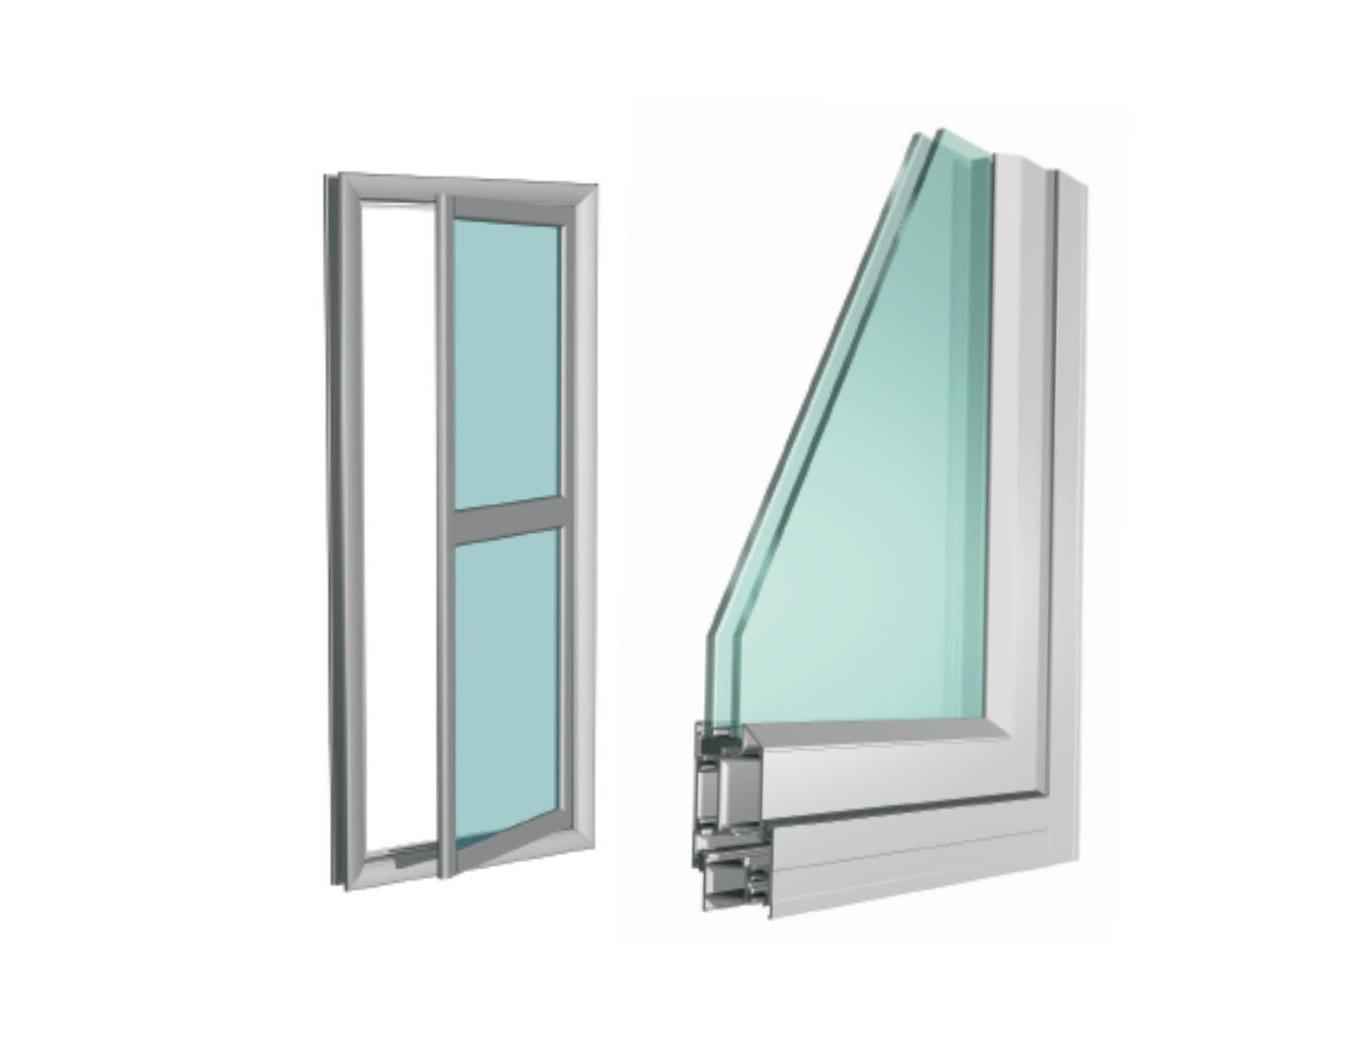 Casement Doors/50/55mm Thermal-break Insulated Series 1